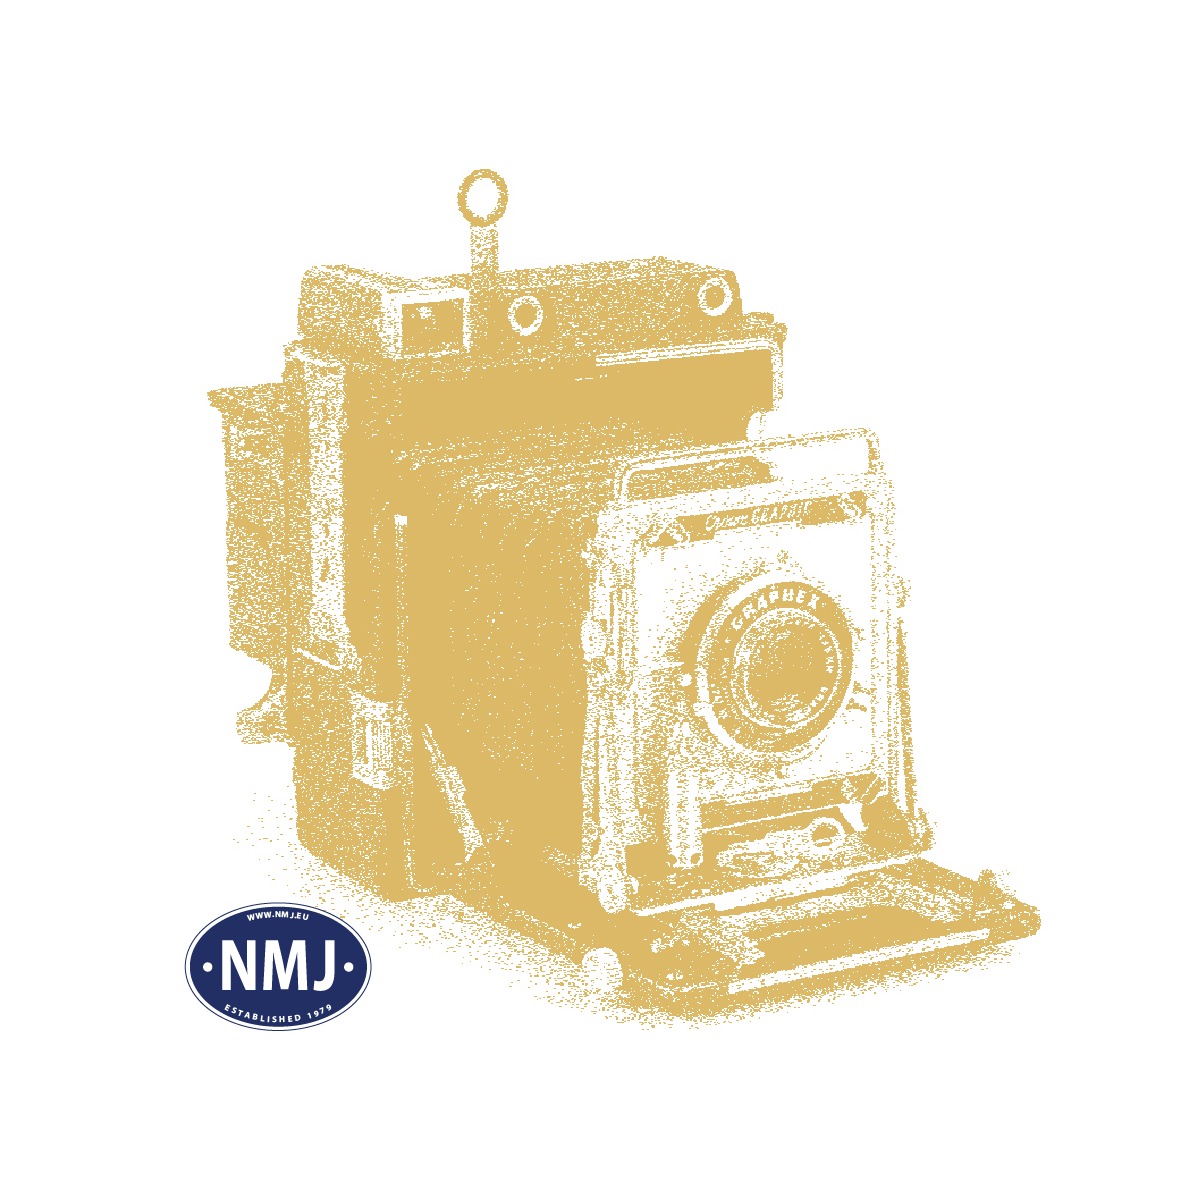 MAN2115 - Palettsett Med Rørepinne og Pipette